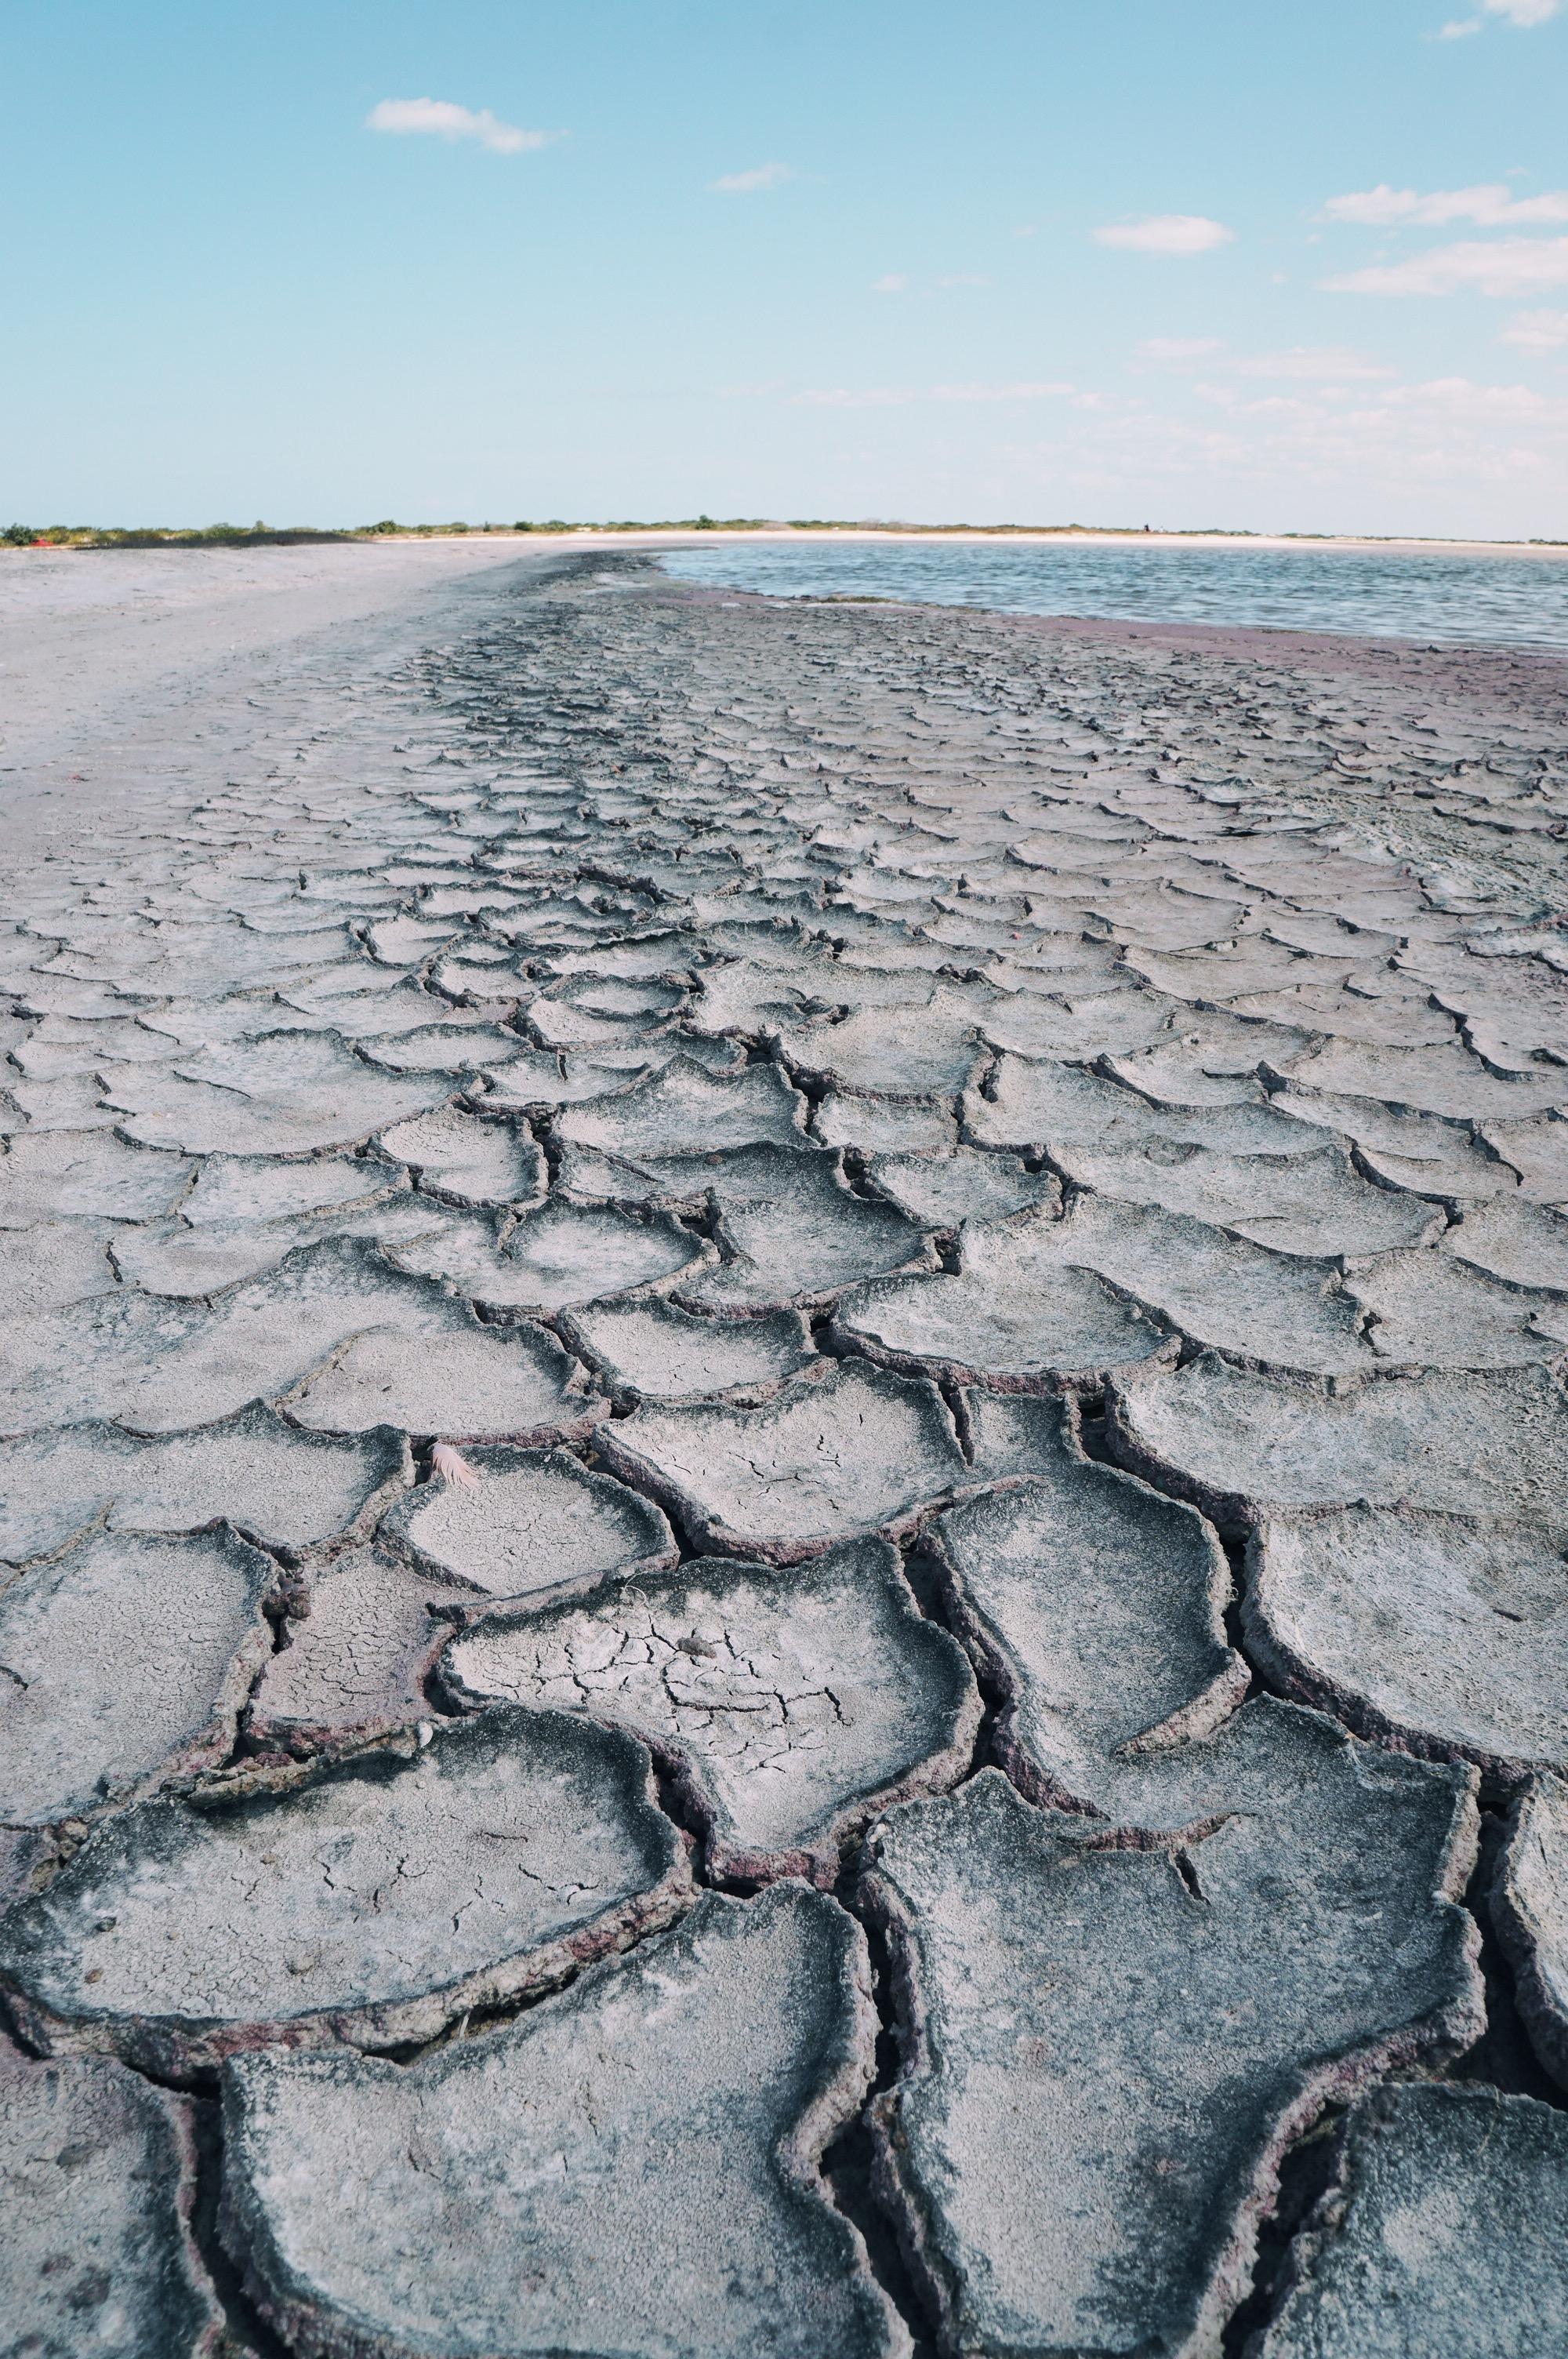 Salt lagoons in Las Coloradas, Mexico